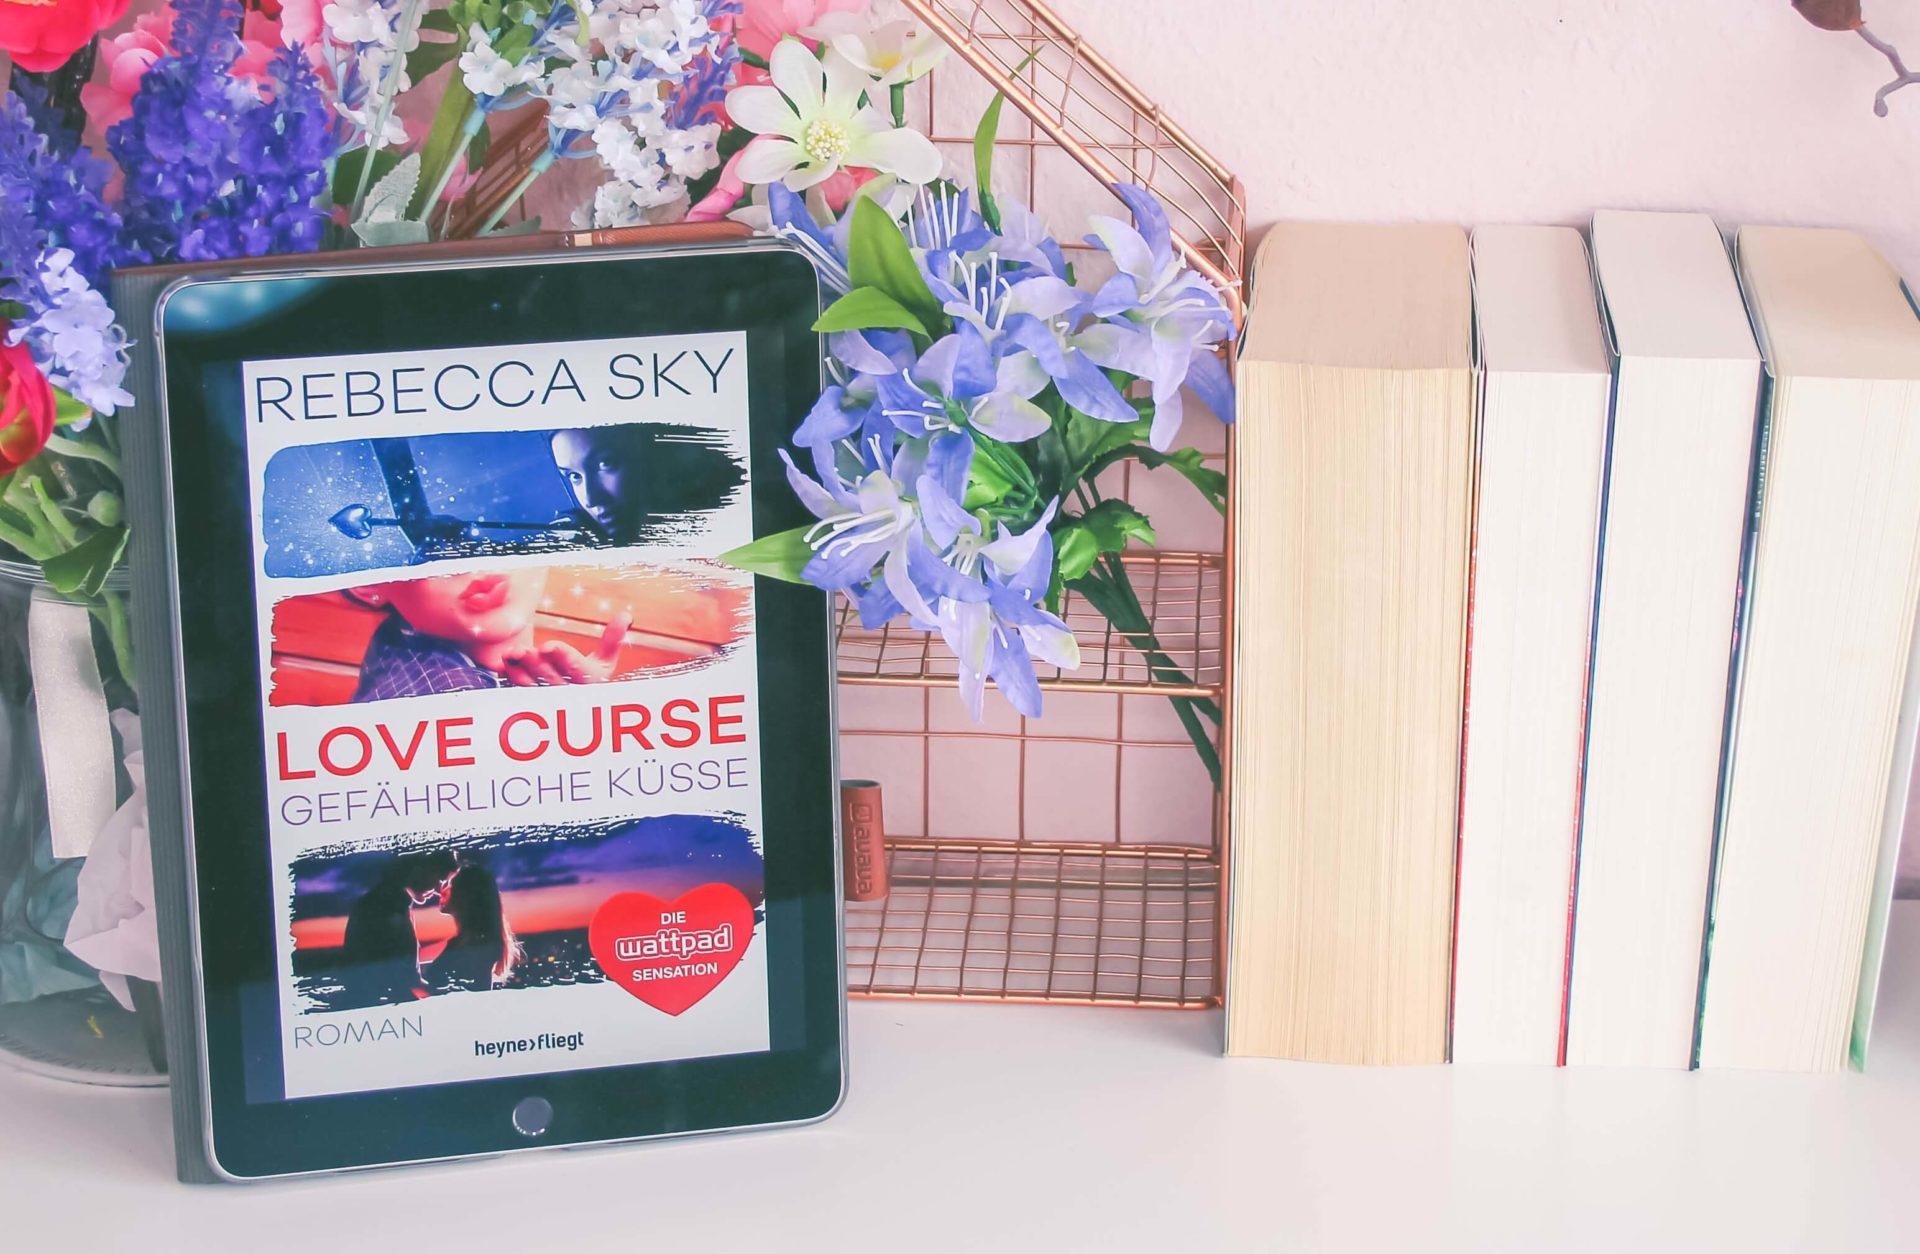 Love Curse Gefährliche Küsse von Rebecca Sky